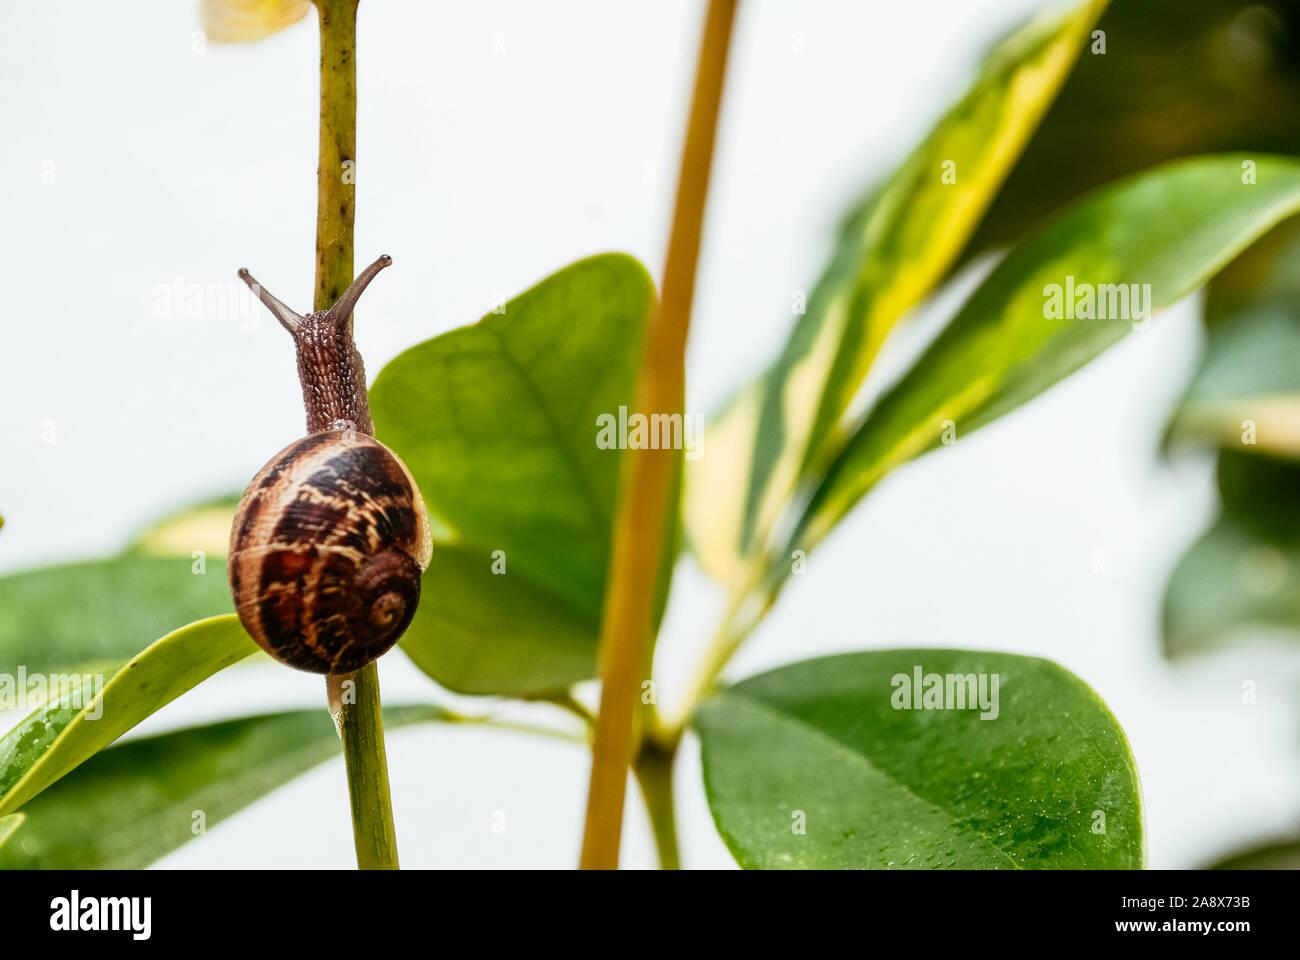 Gemeinsamer Garten Schnecke kriecht auf grünem Stiel der Pflanze Stockfoto